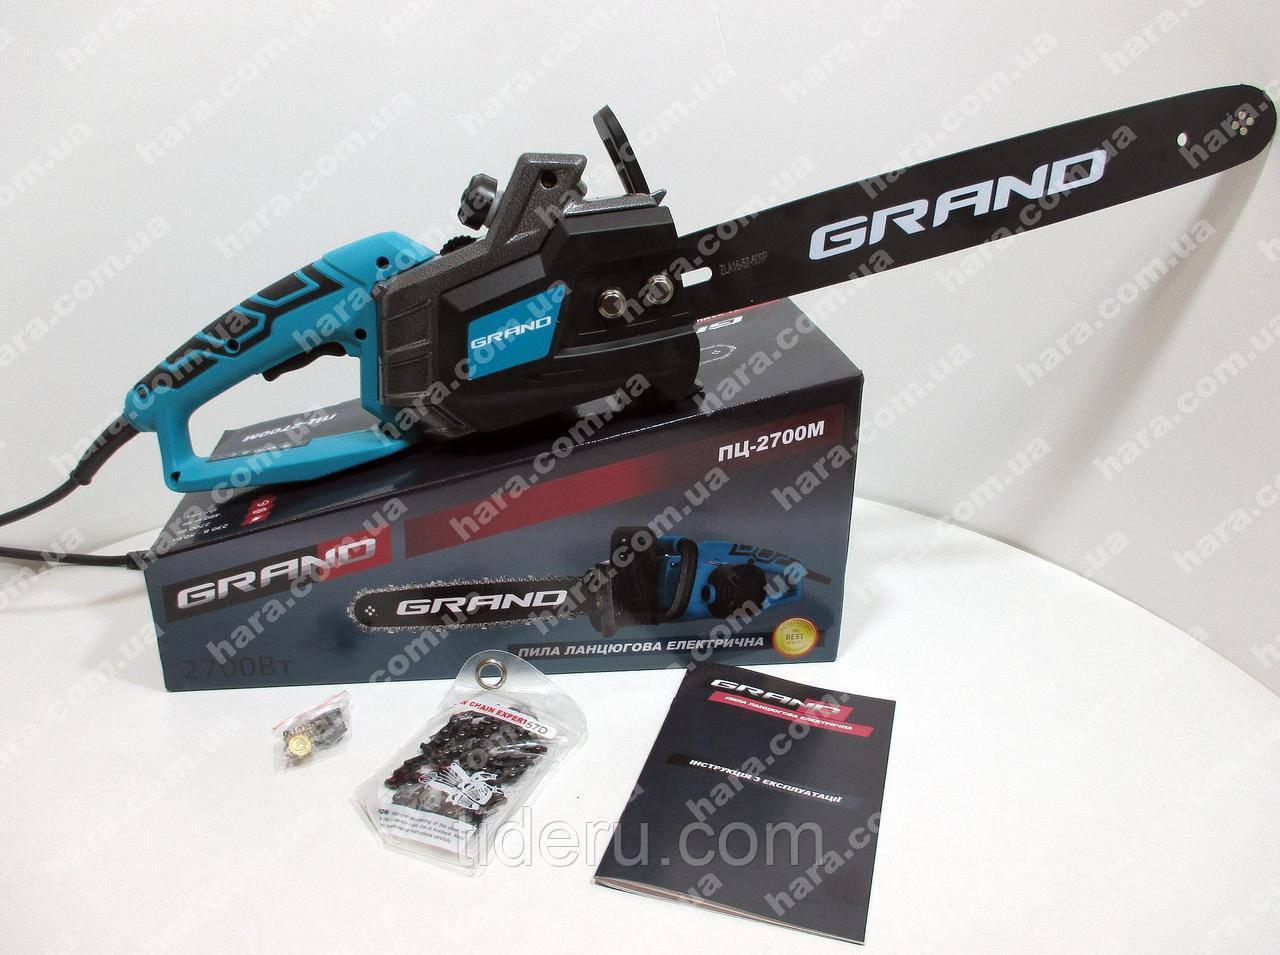 Електропила GRAND ПЦ-2700М 2.7 Квт, бічна